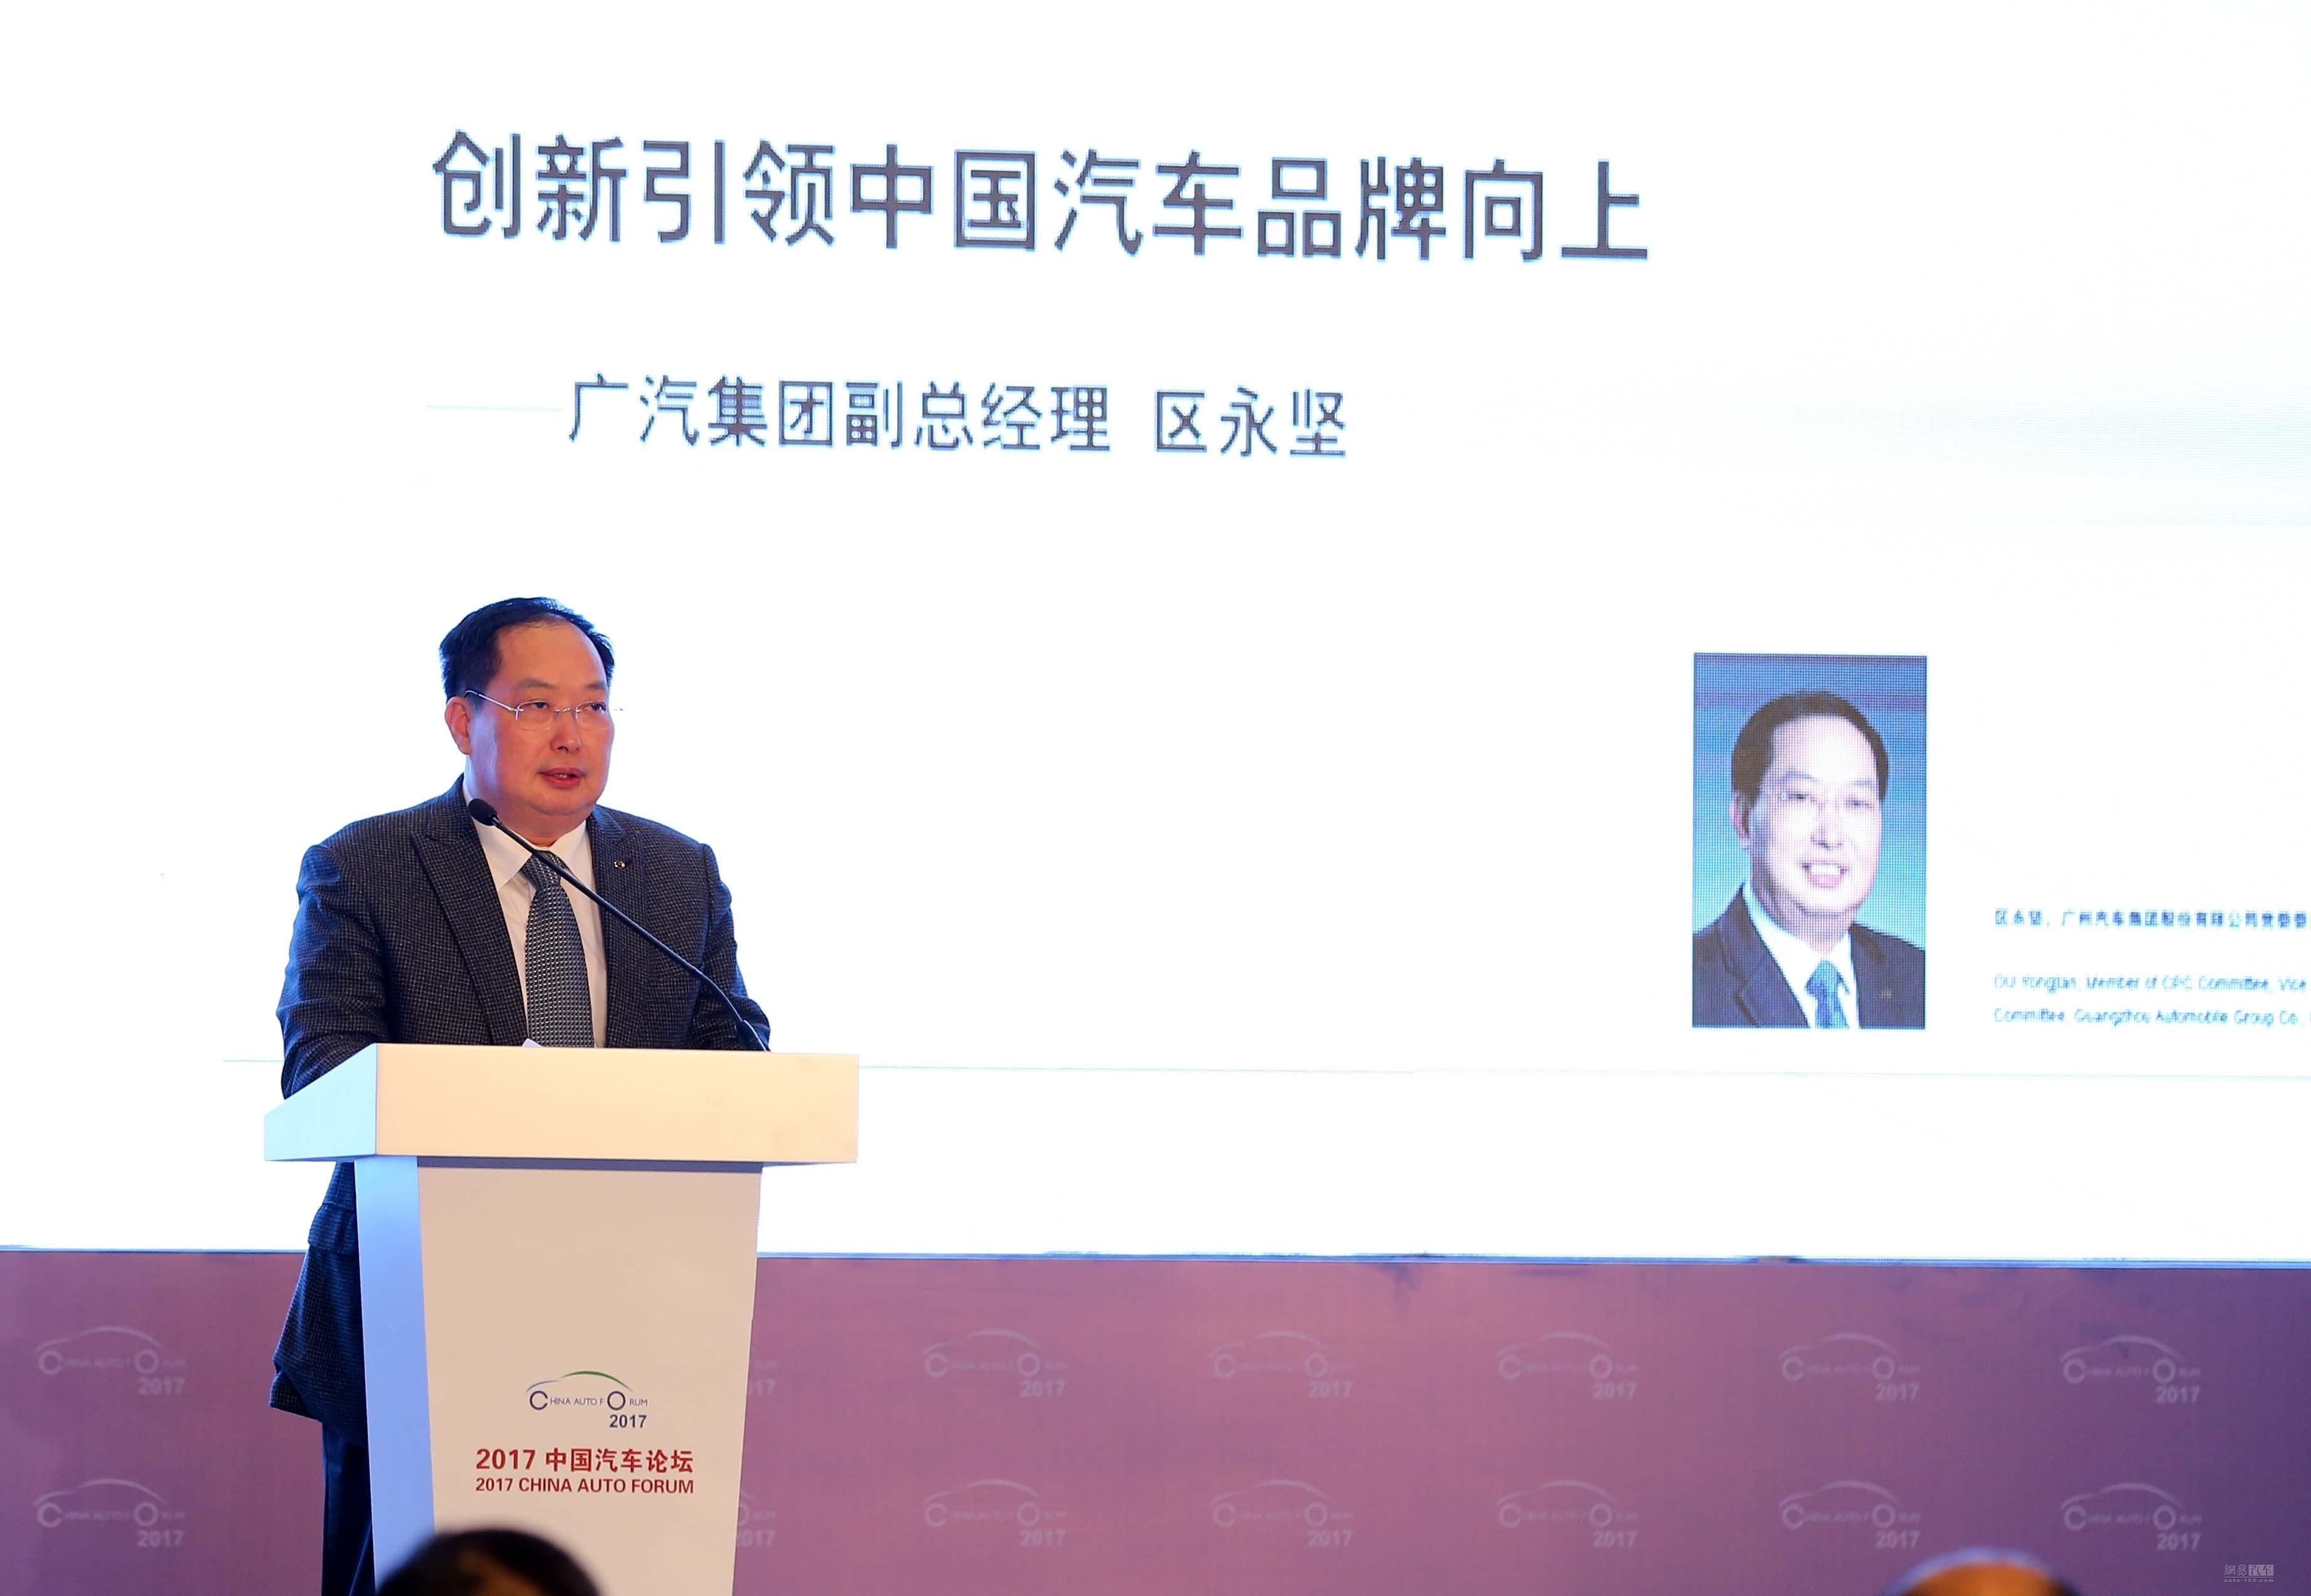 区永坚:创新引领中国品牌升级的重要驱动力